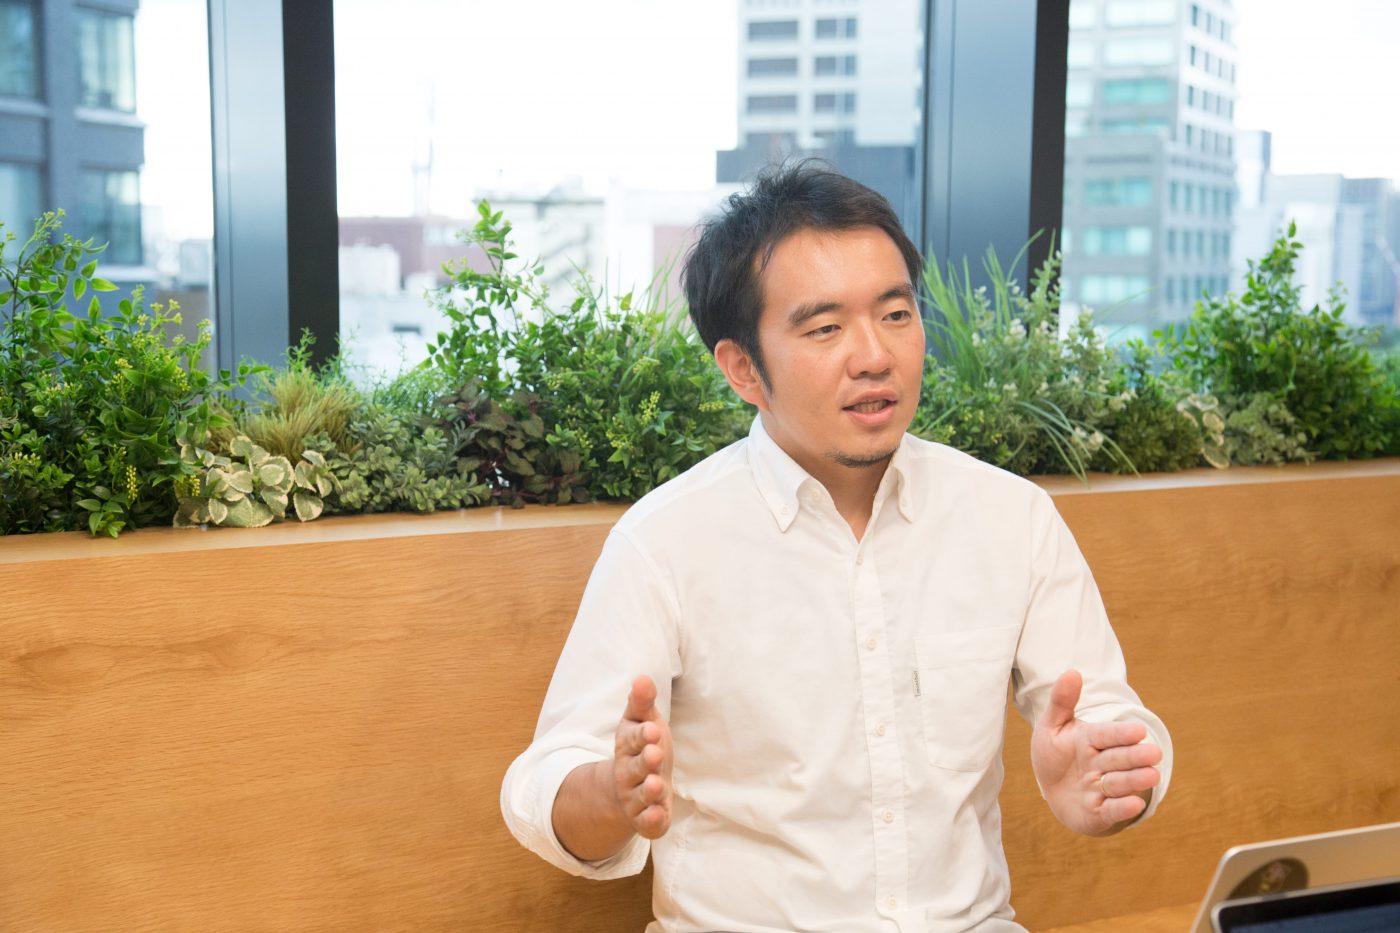 宮田「大切なのは、机上の空論からビジネスを作るのをやめて、実際のユーザーの課題をもとにビジネスを作るということですね。今でも机上の空論でビジネスを作っている人を見かけますが、『誰のどんな課題を解決しているの?』と聞くと何も答えられないんですよね。